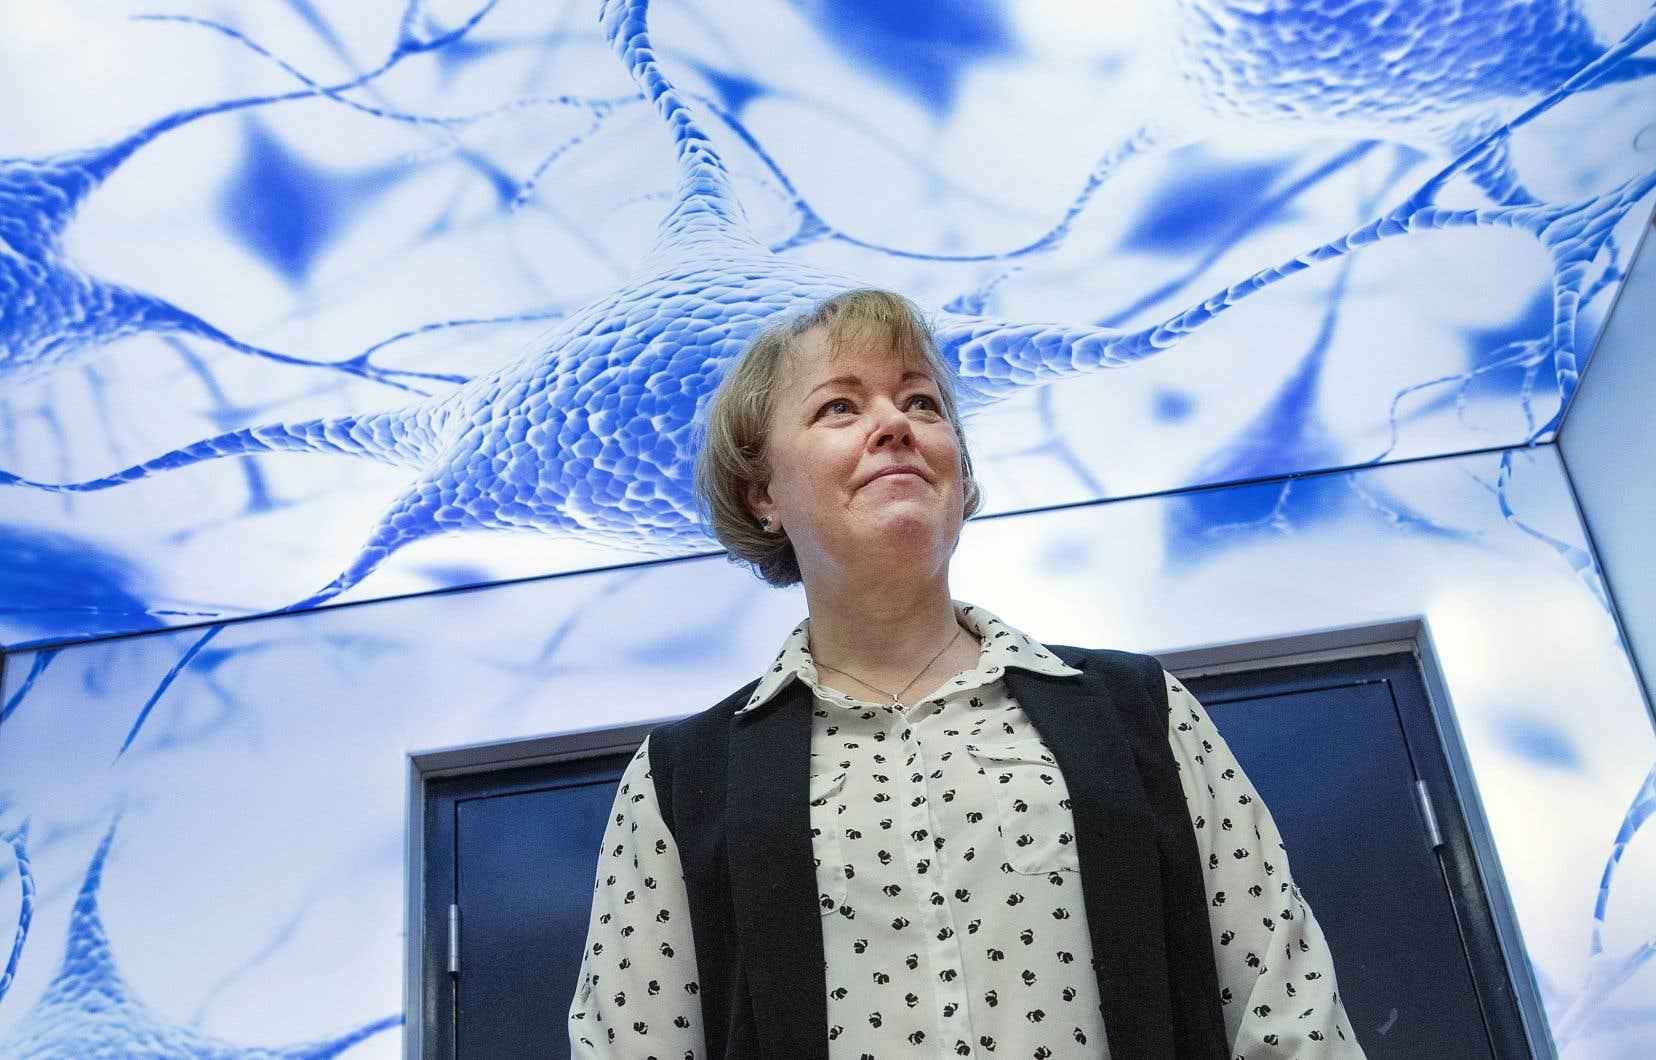 Mené par la professeure en psychiatrie Suzanne King, le Projet Verglas étudie les conséquences du stress vécu par les femmes enceintes au moment de la crise du verglas de janvier 1998.